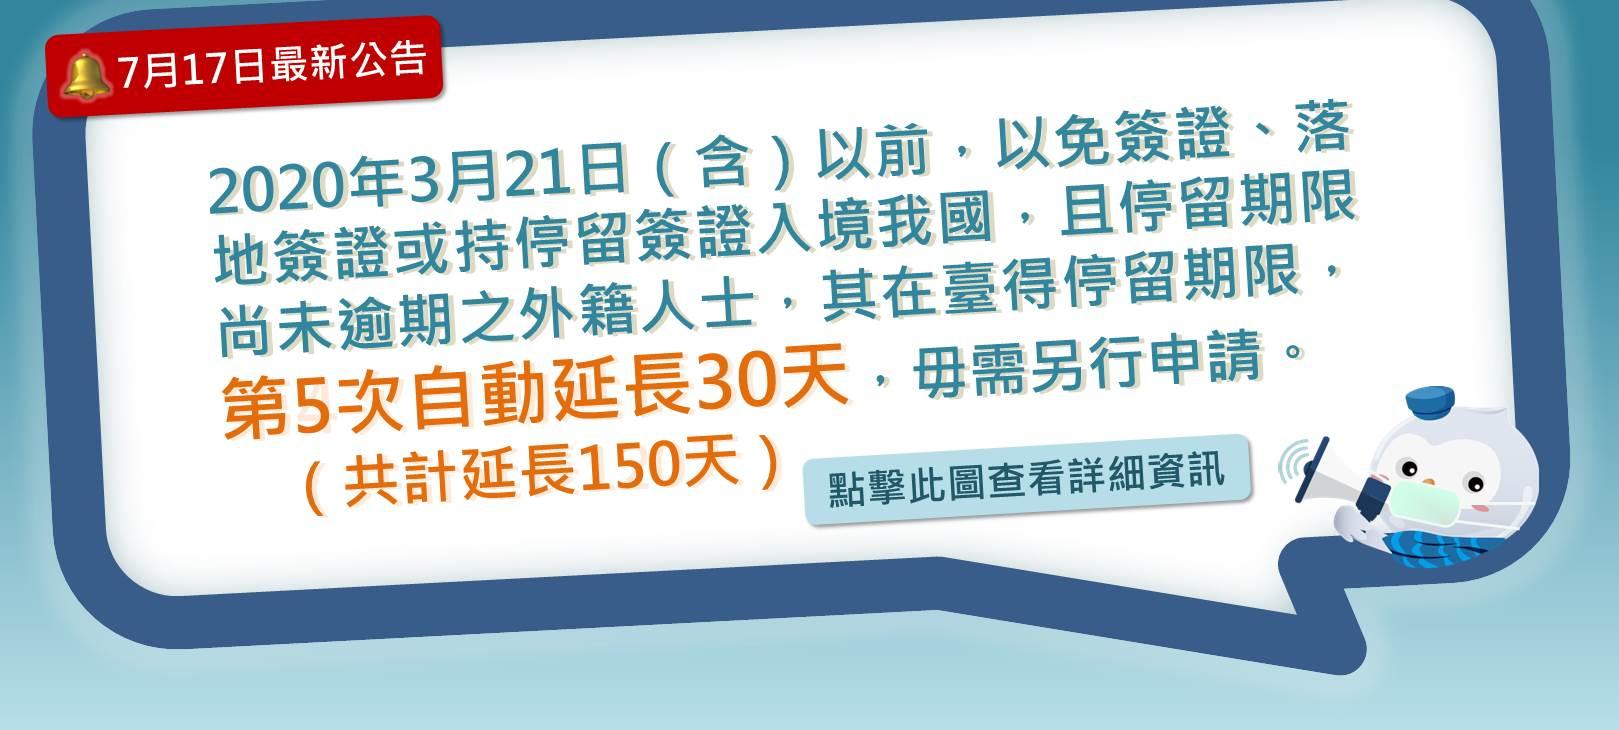 第五次簽證停留期限延長措施